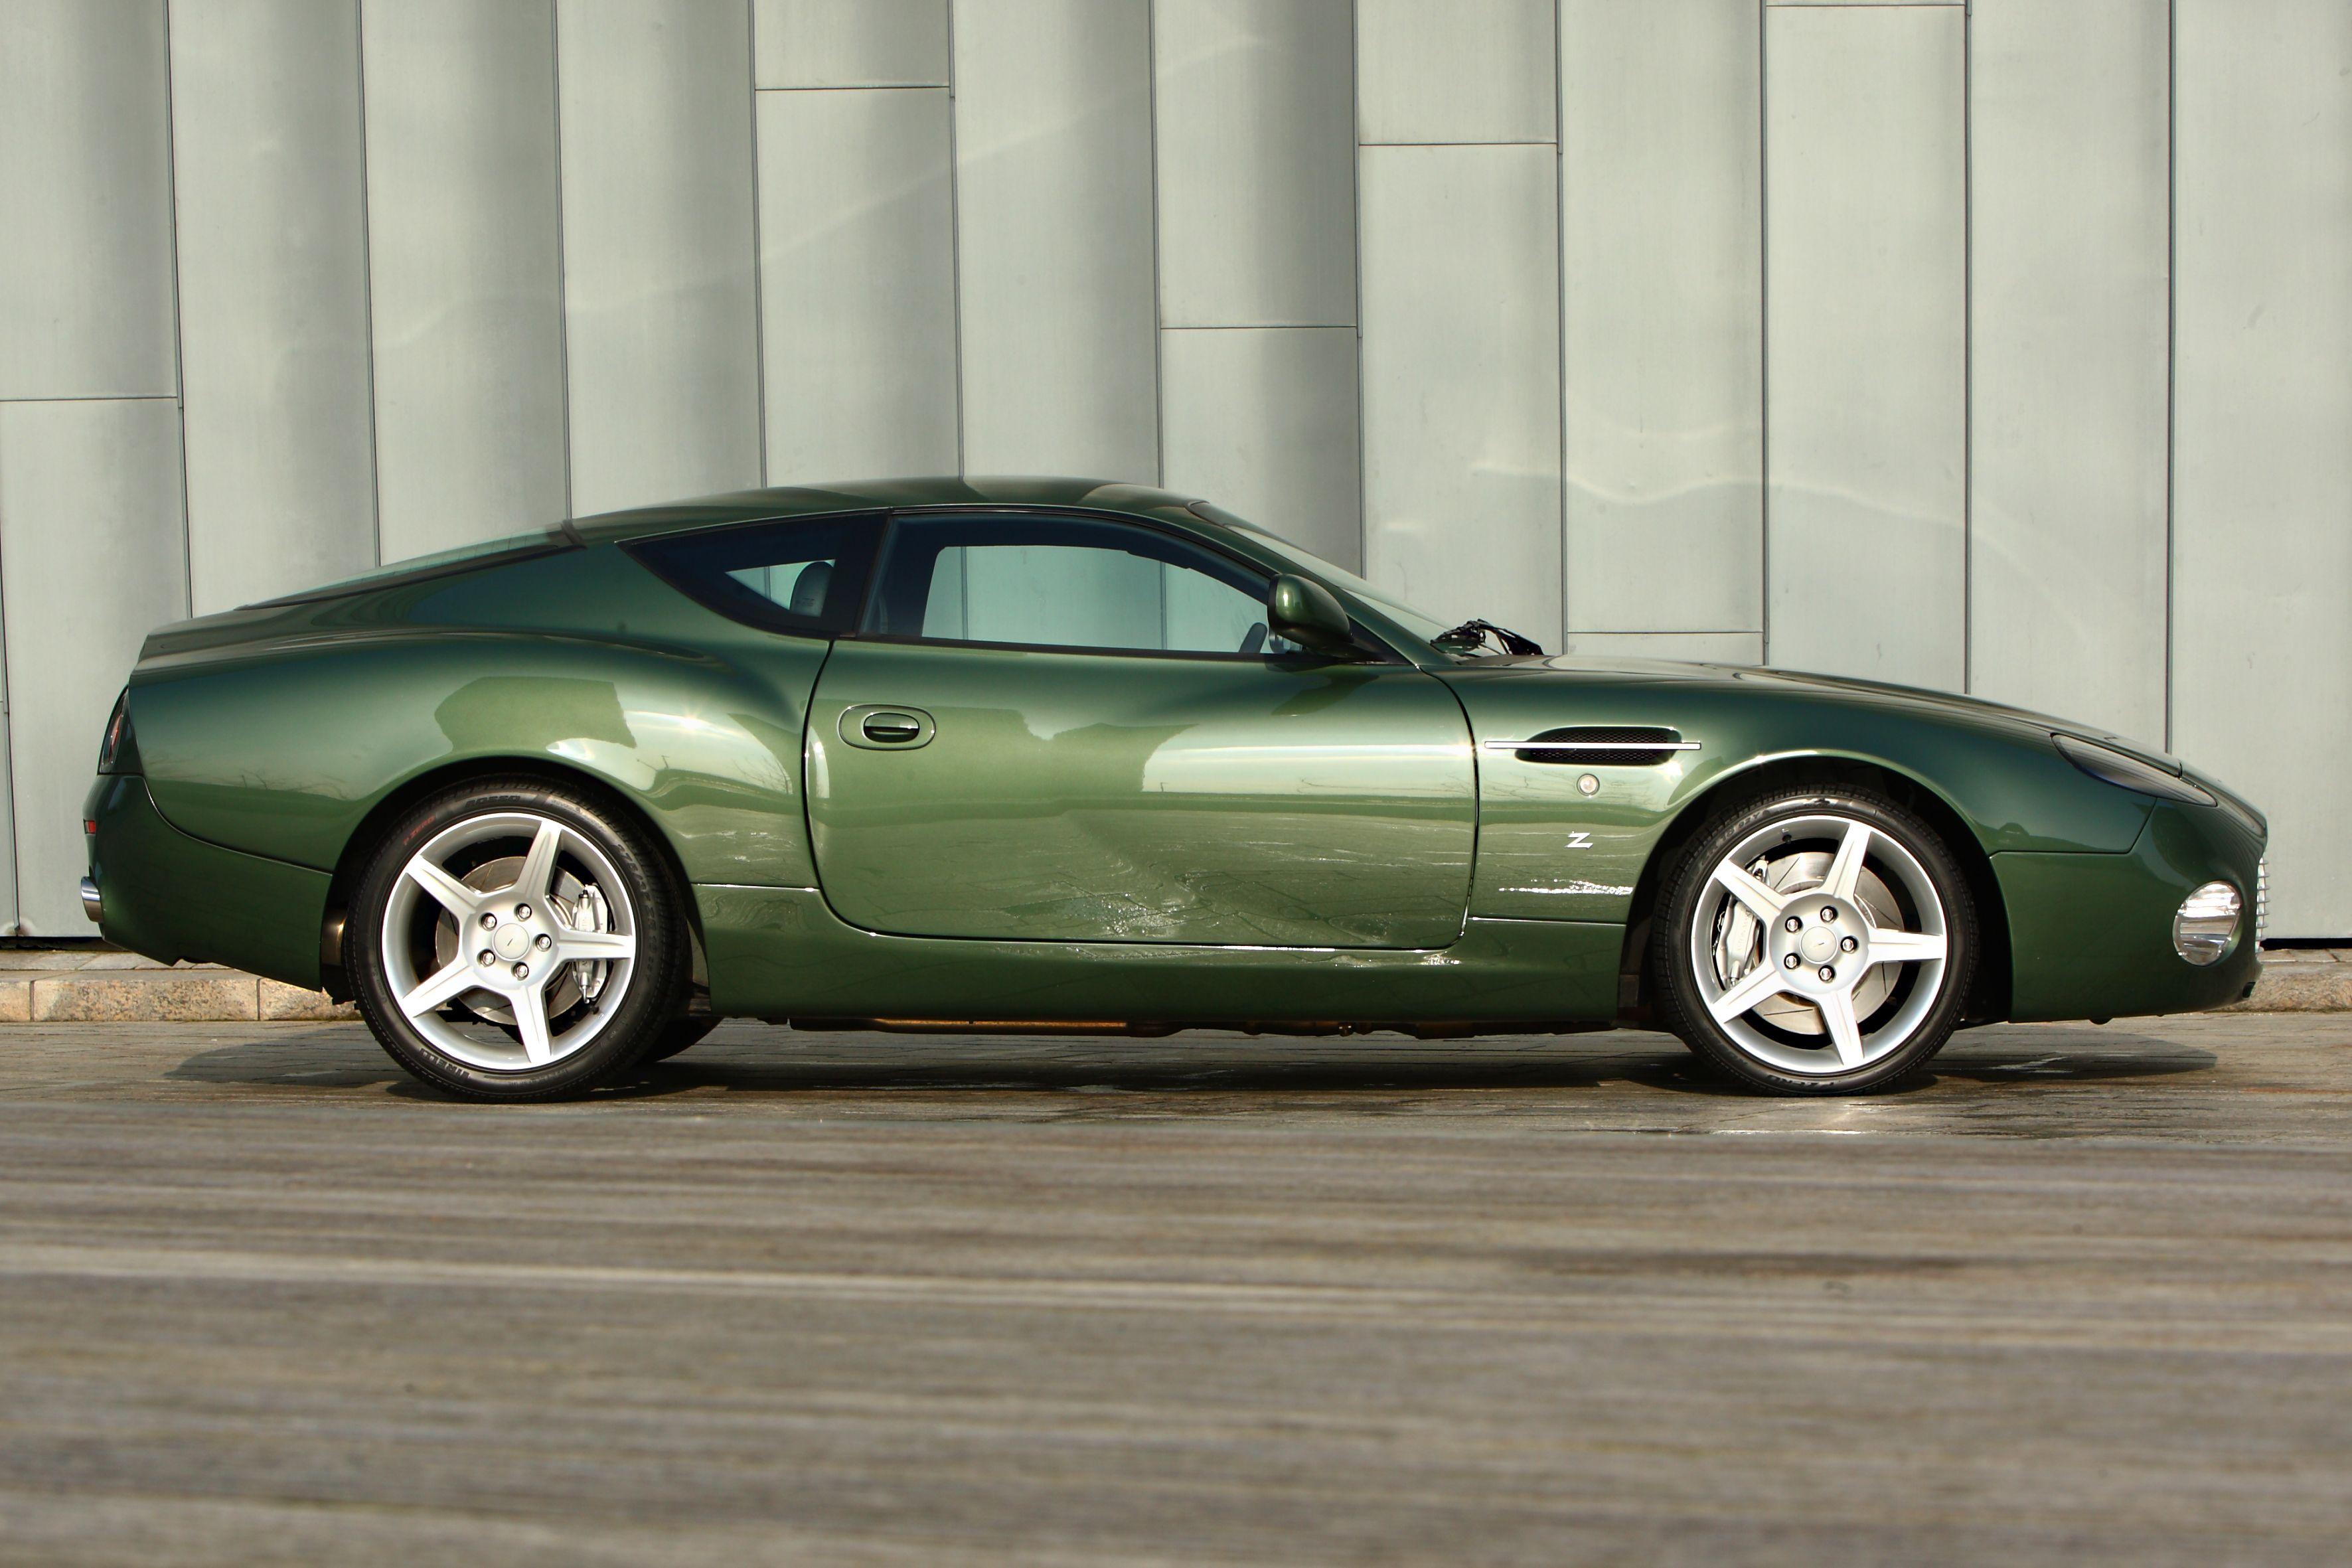 For sale Aston Martin DB7 Zagato Aston Martin Zagato